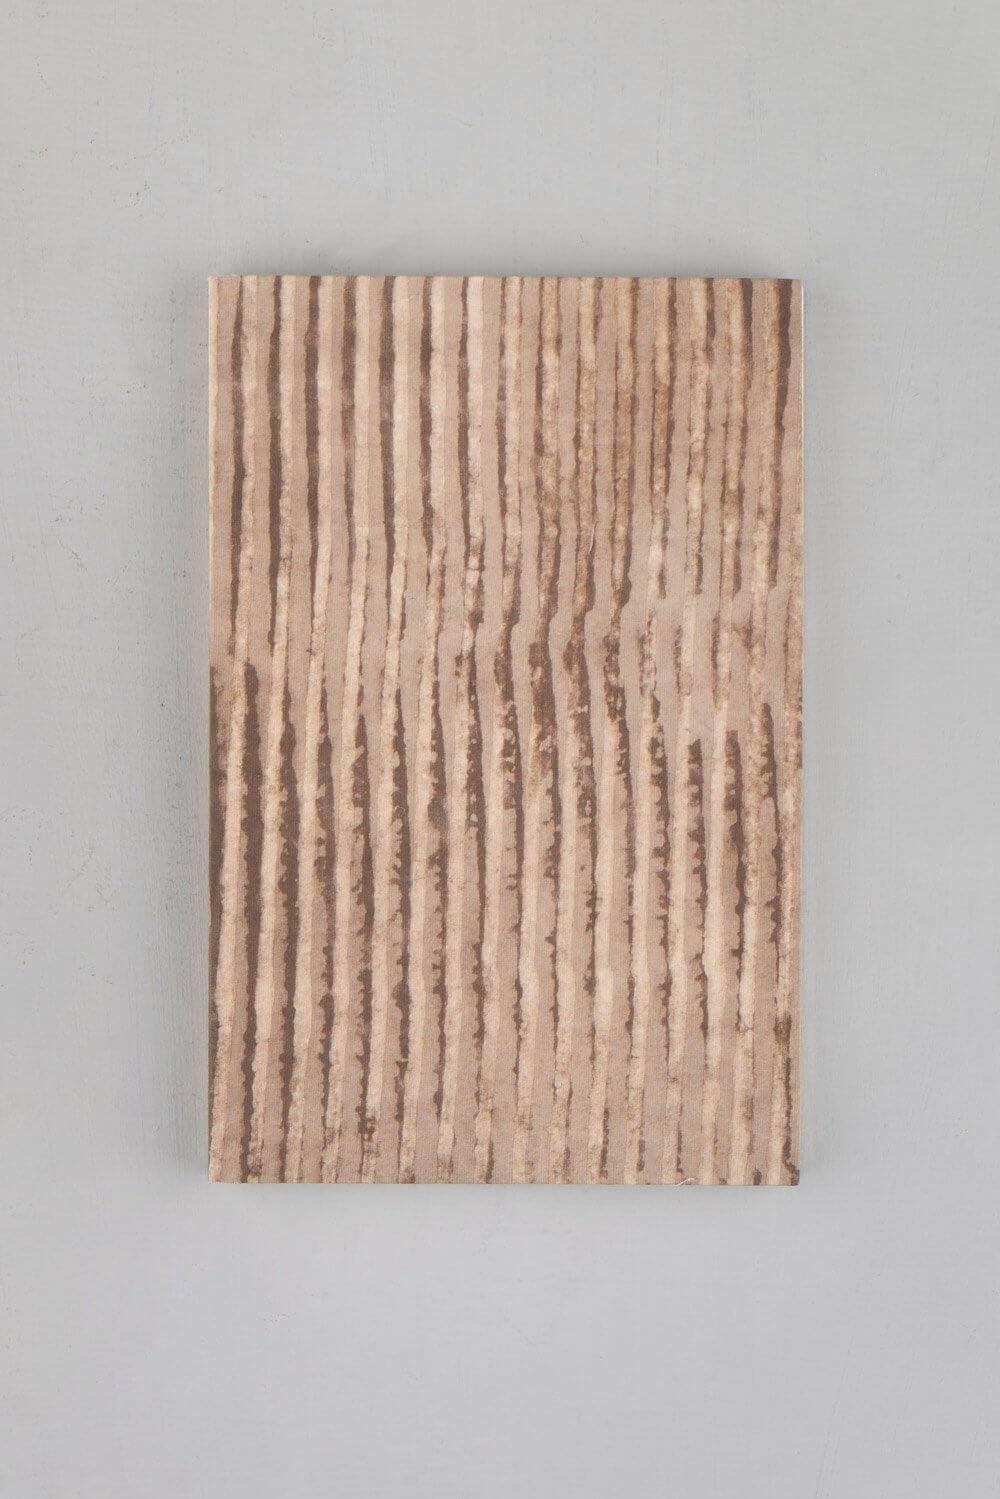 Dust Block Printed Notebook